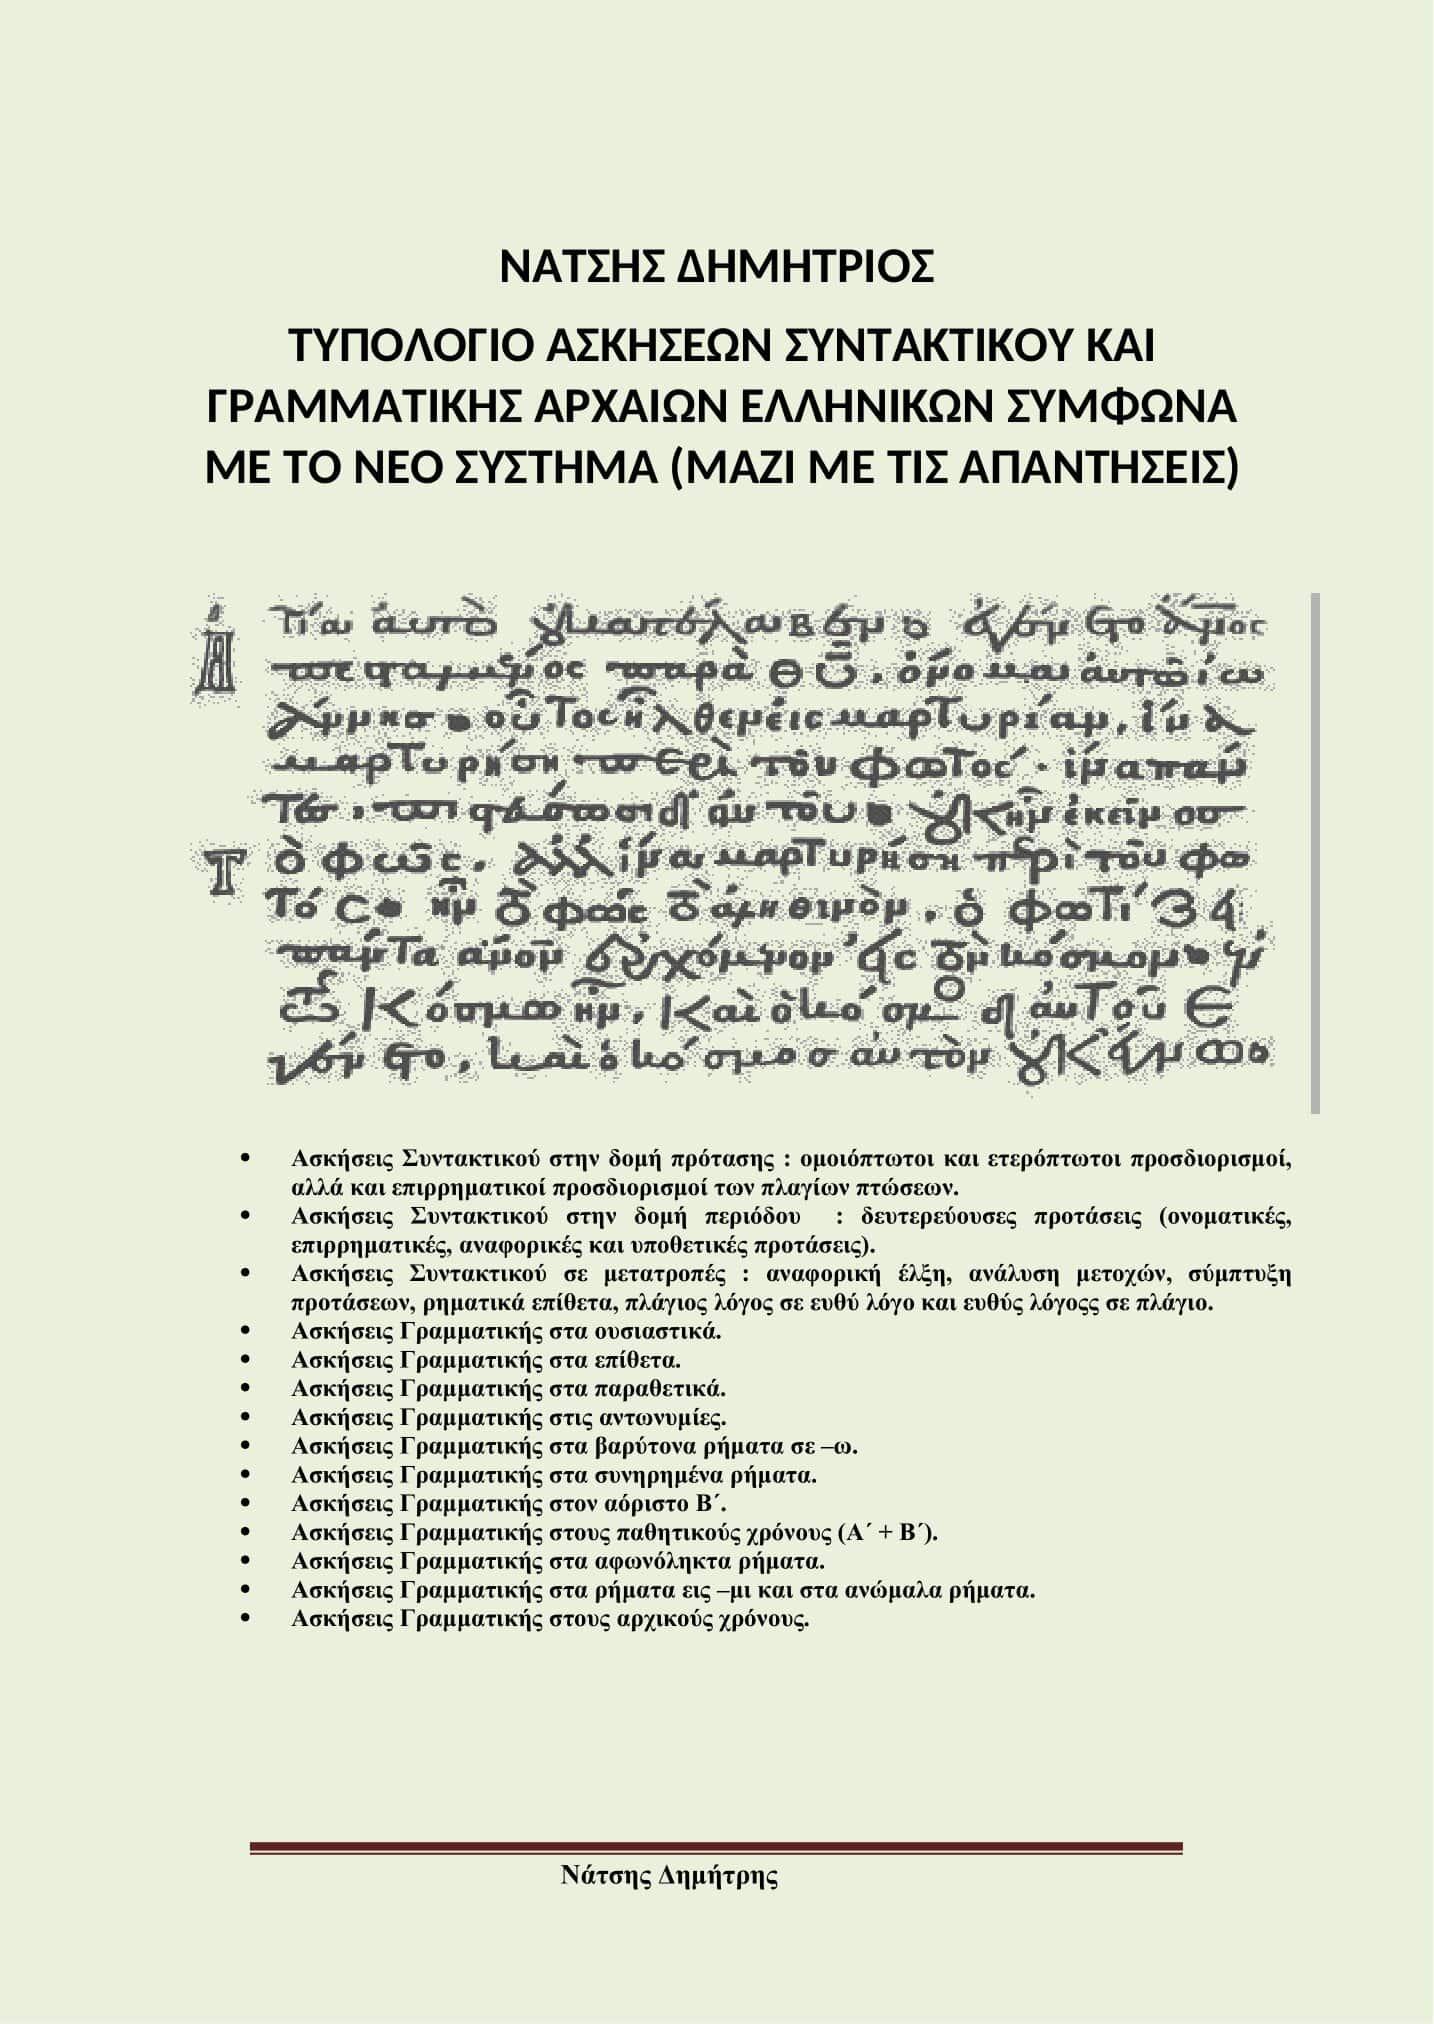 Ασκησιολόγιο Συντακτικού - Γραμματικής Αρχαίων Ελληνικών σε Ηλεκτρονική Μορφή